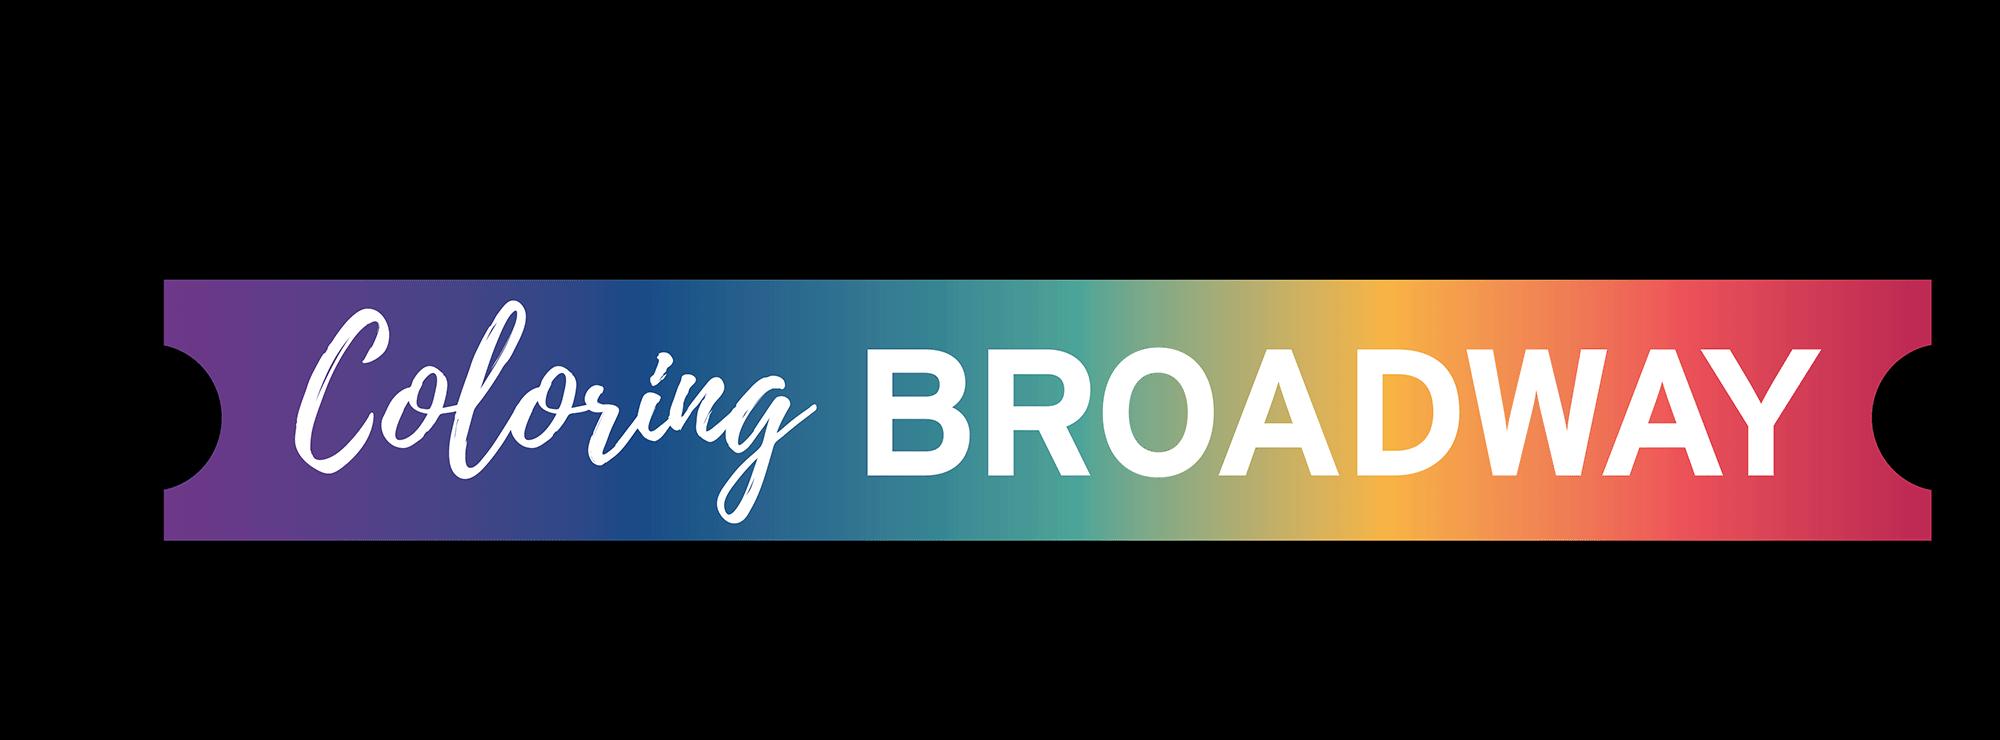 Coloring Broadway